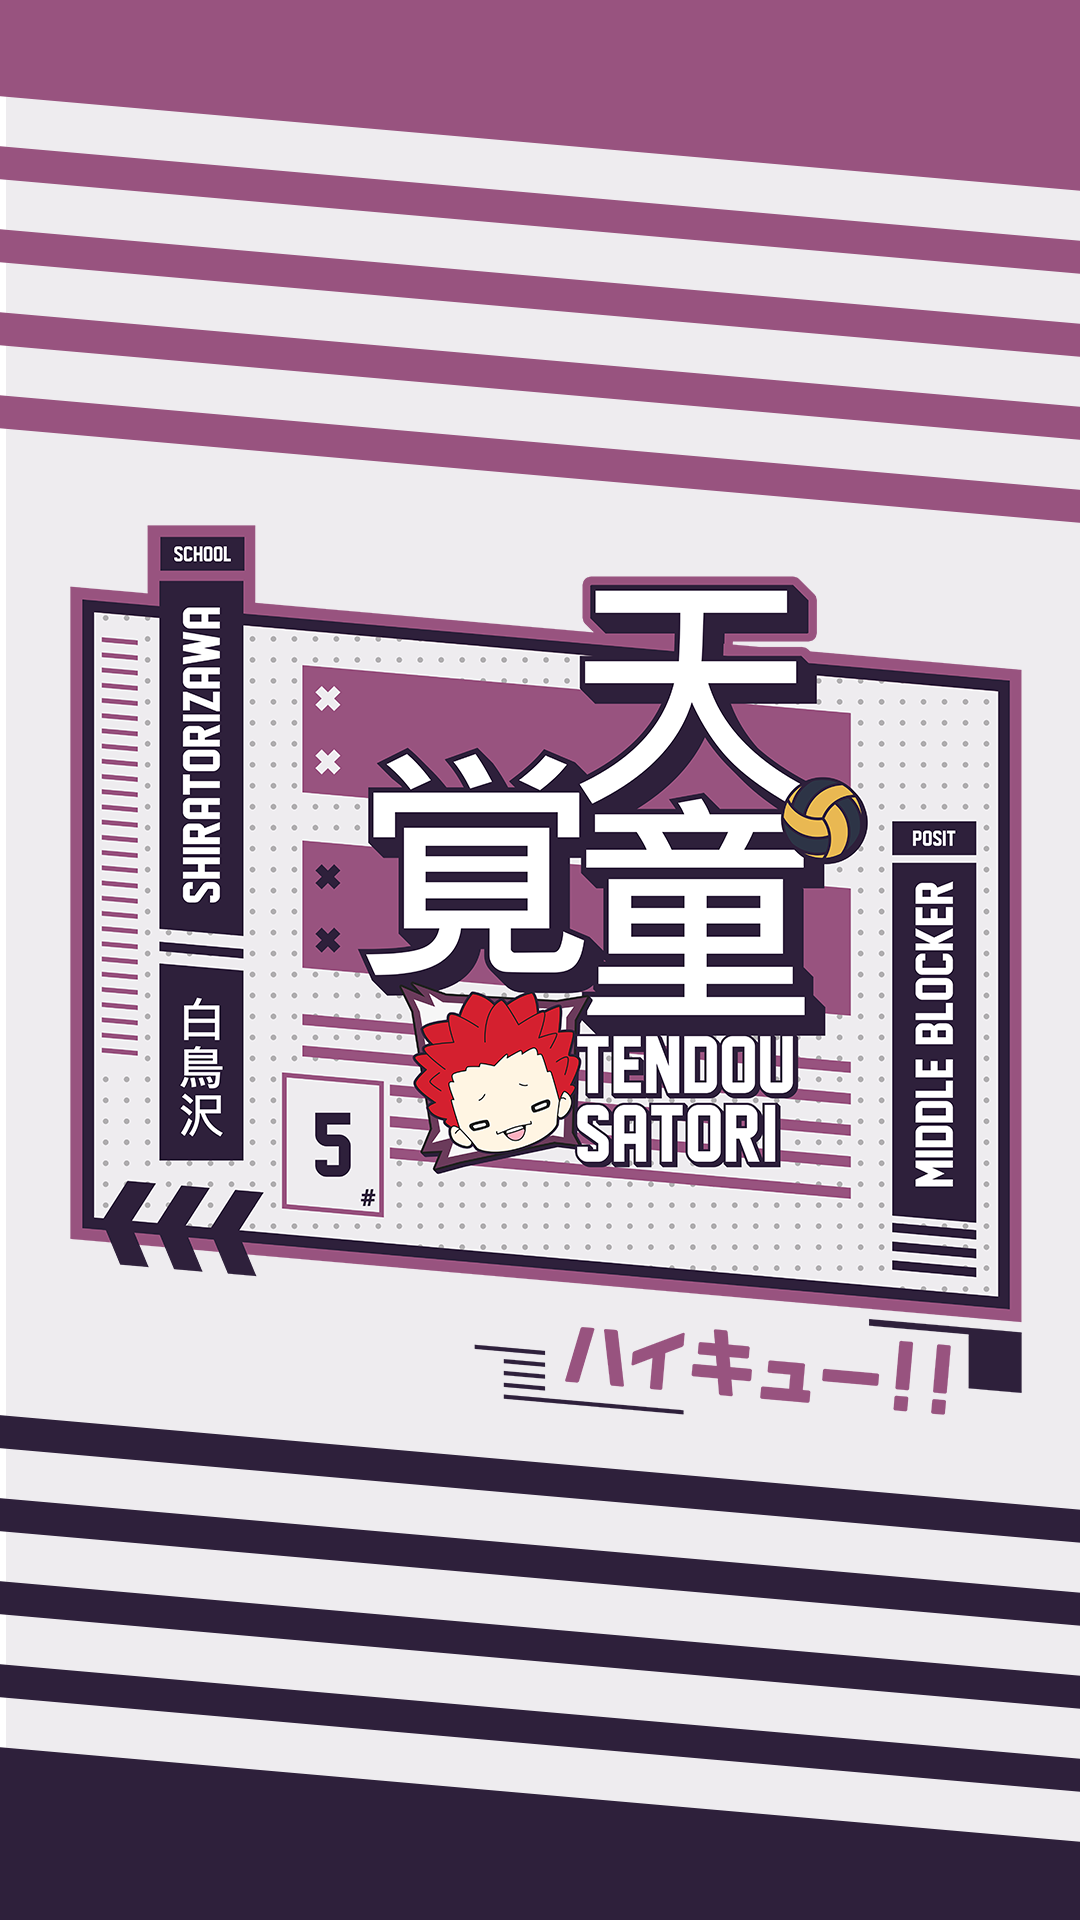 Tendou Satori Wallpaper Shiratorizawa Haikyuu In 2020 Haikyuu Wallpaper Anime Wallpaper Iphone Shiratorizawa